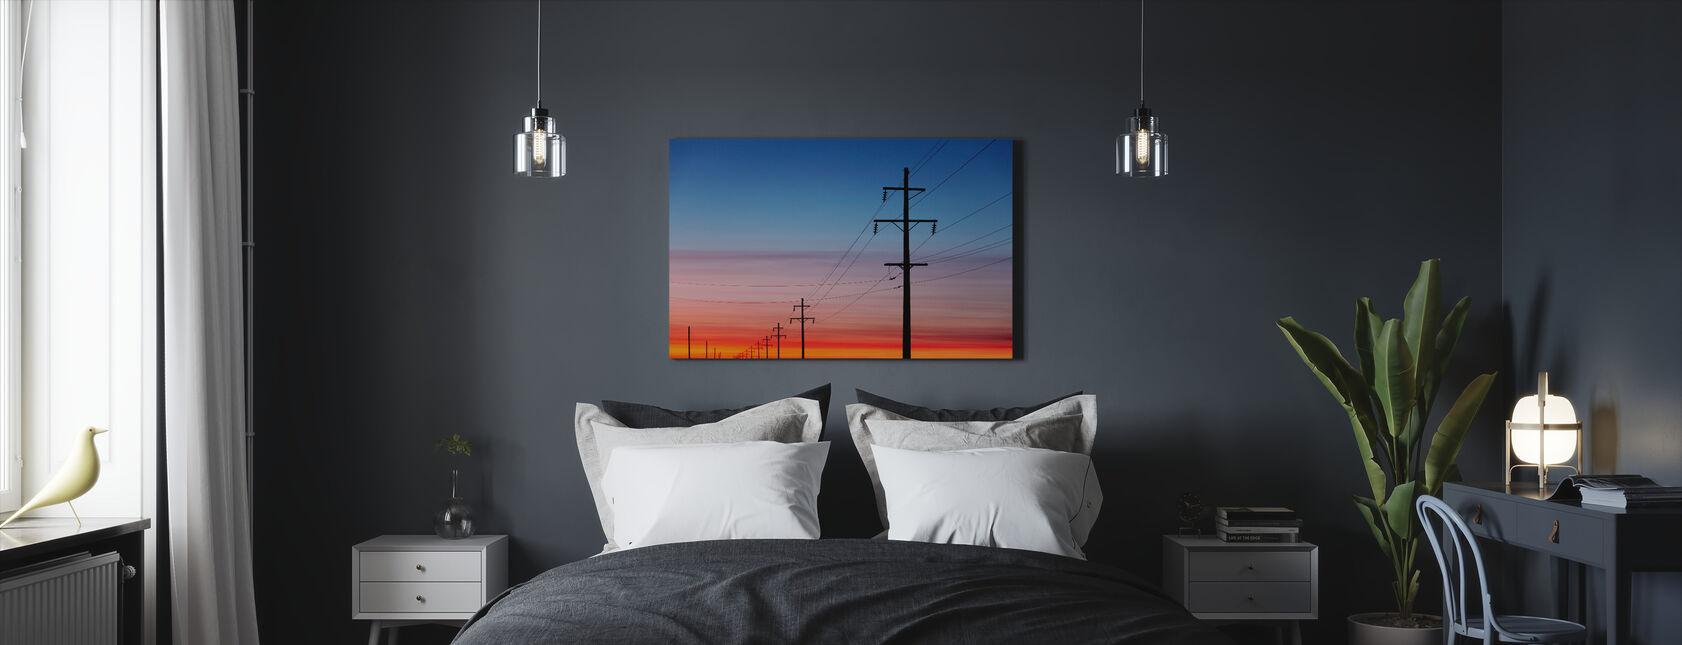 Kraftledningar vid solnedgången - Canvastavla - Sovrum